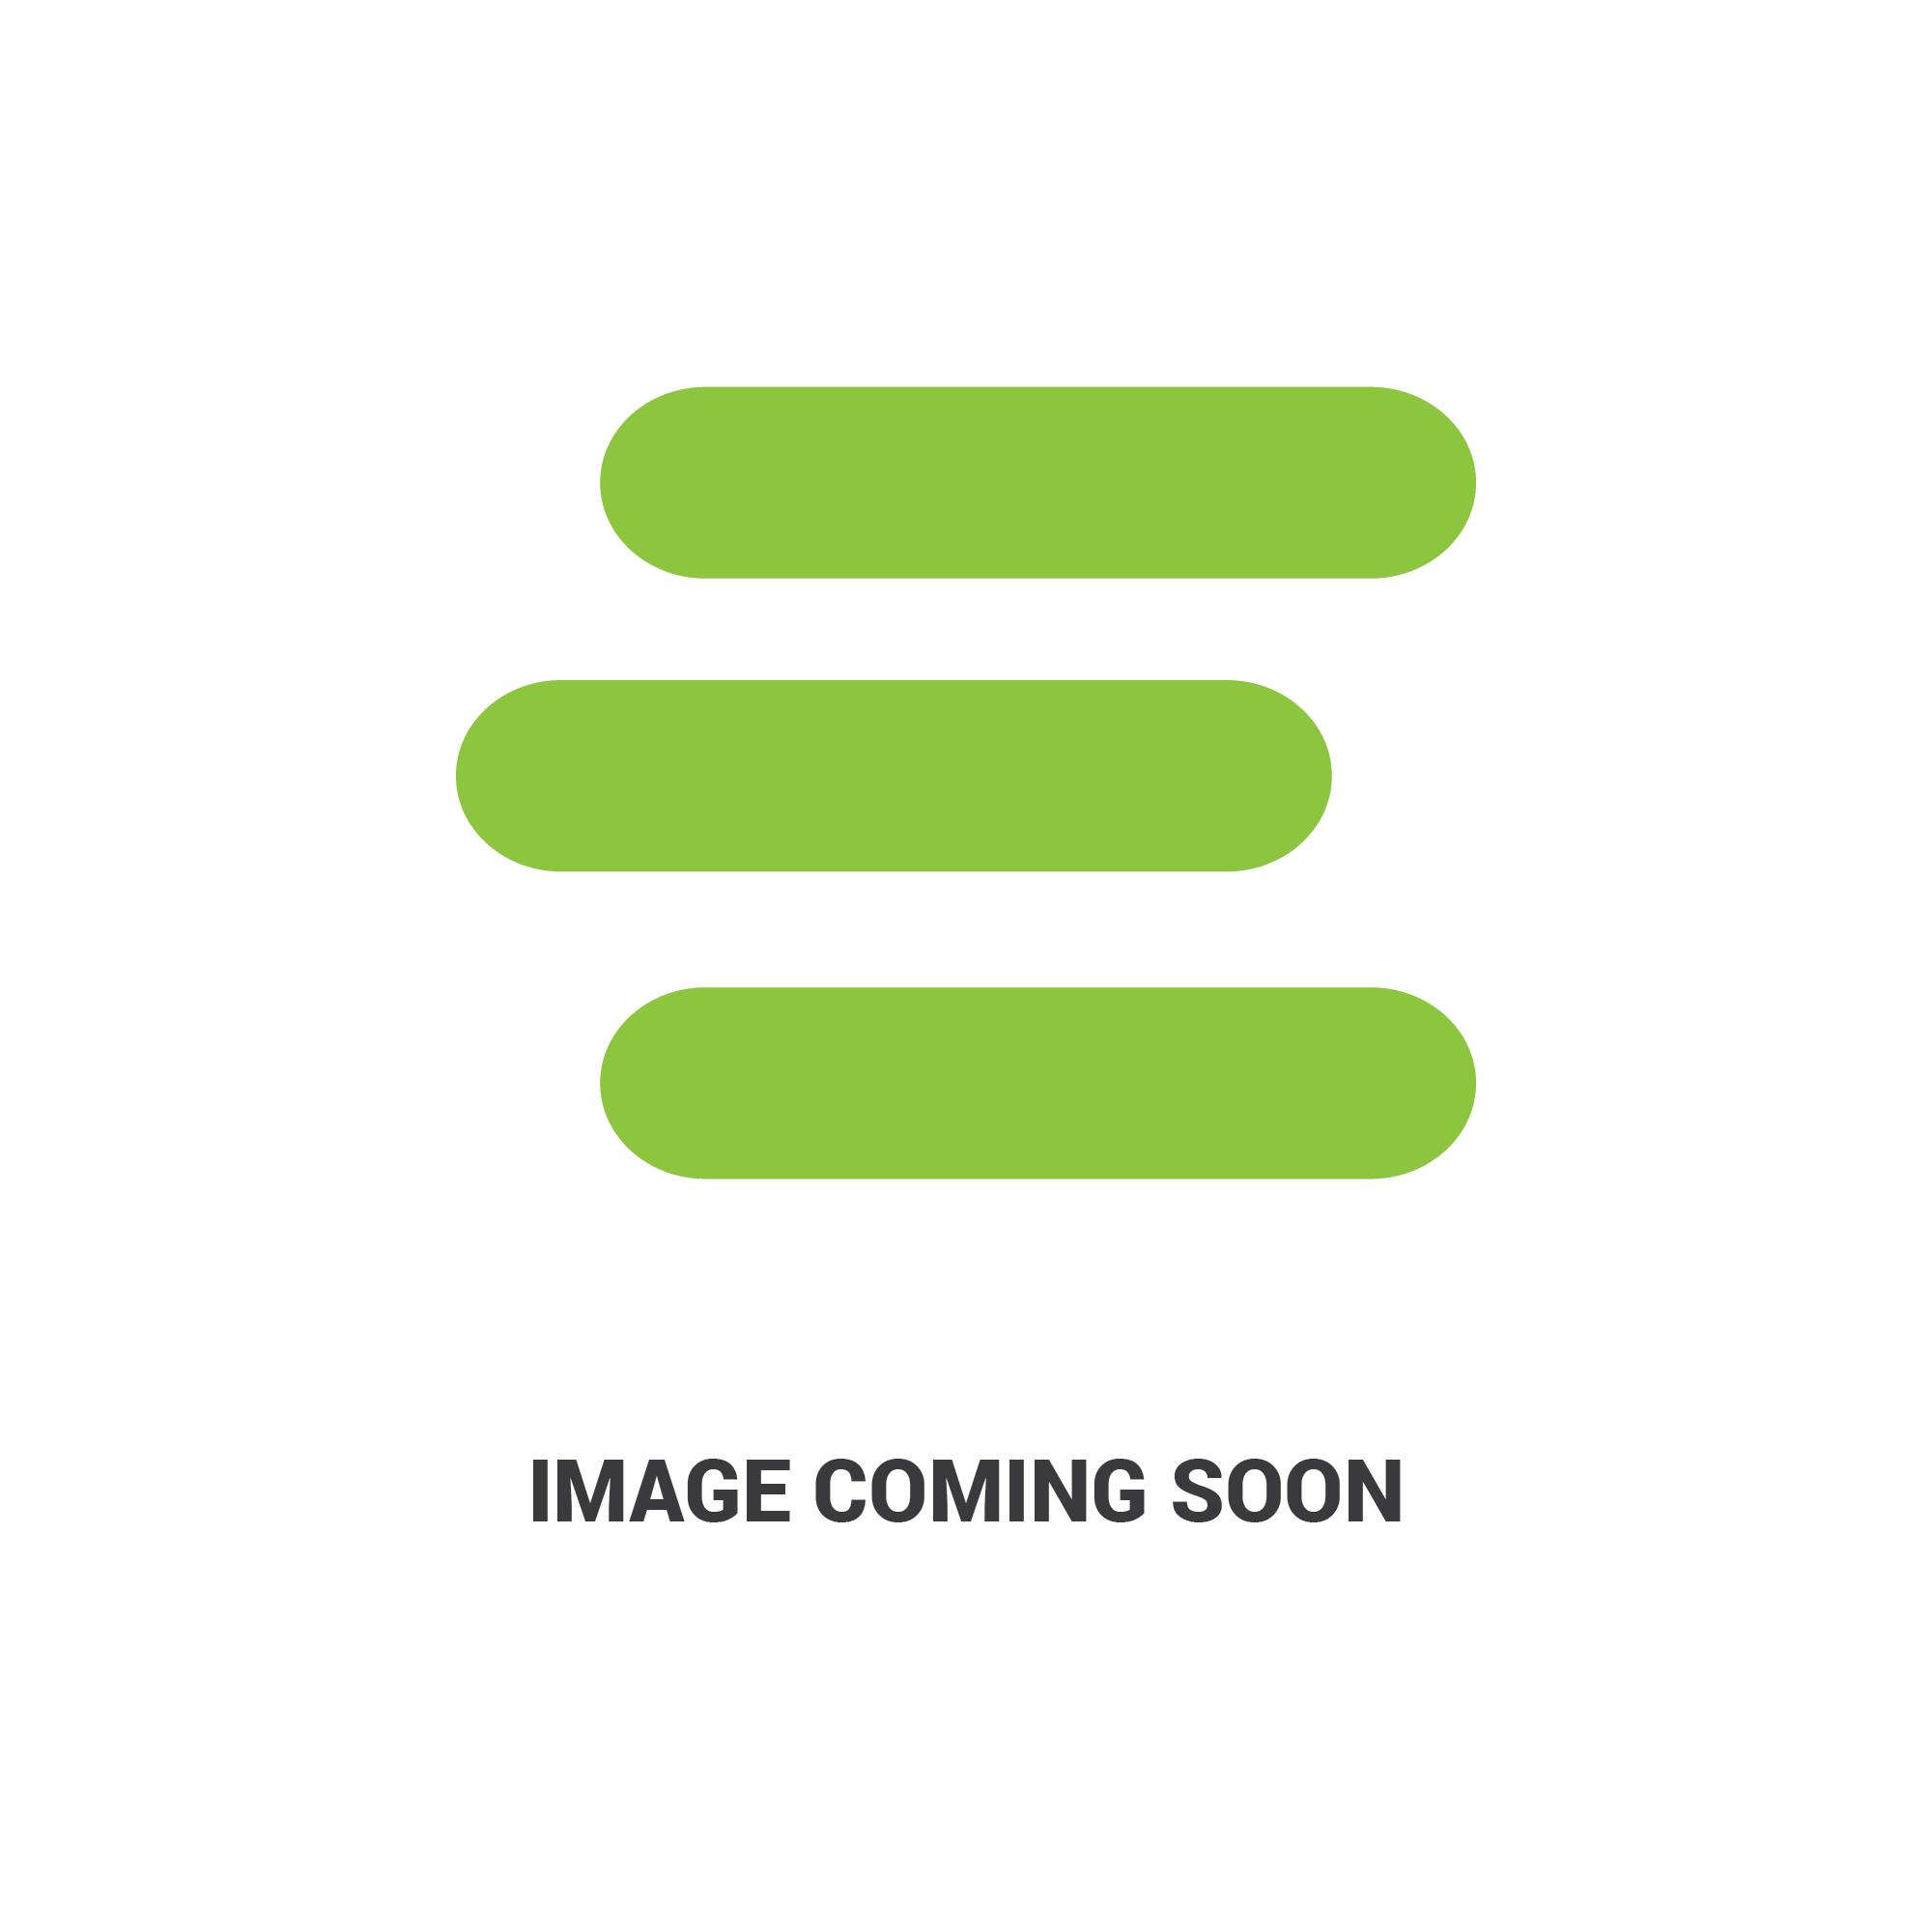 E-AR41288edit 1.jpg